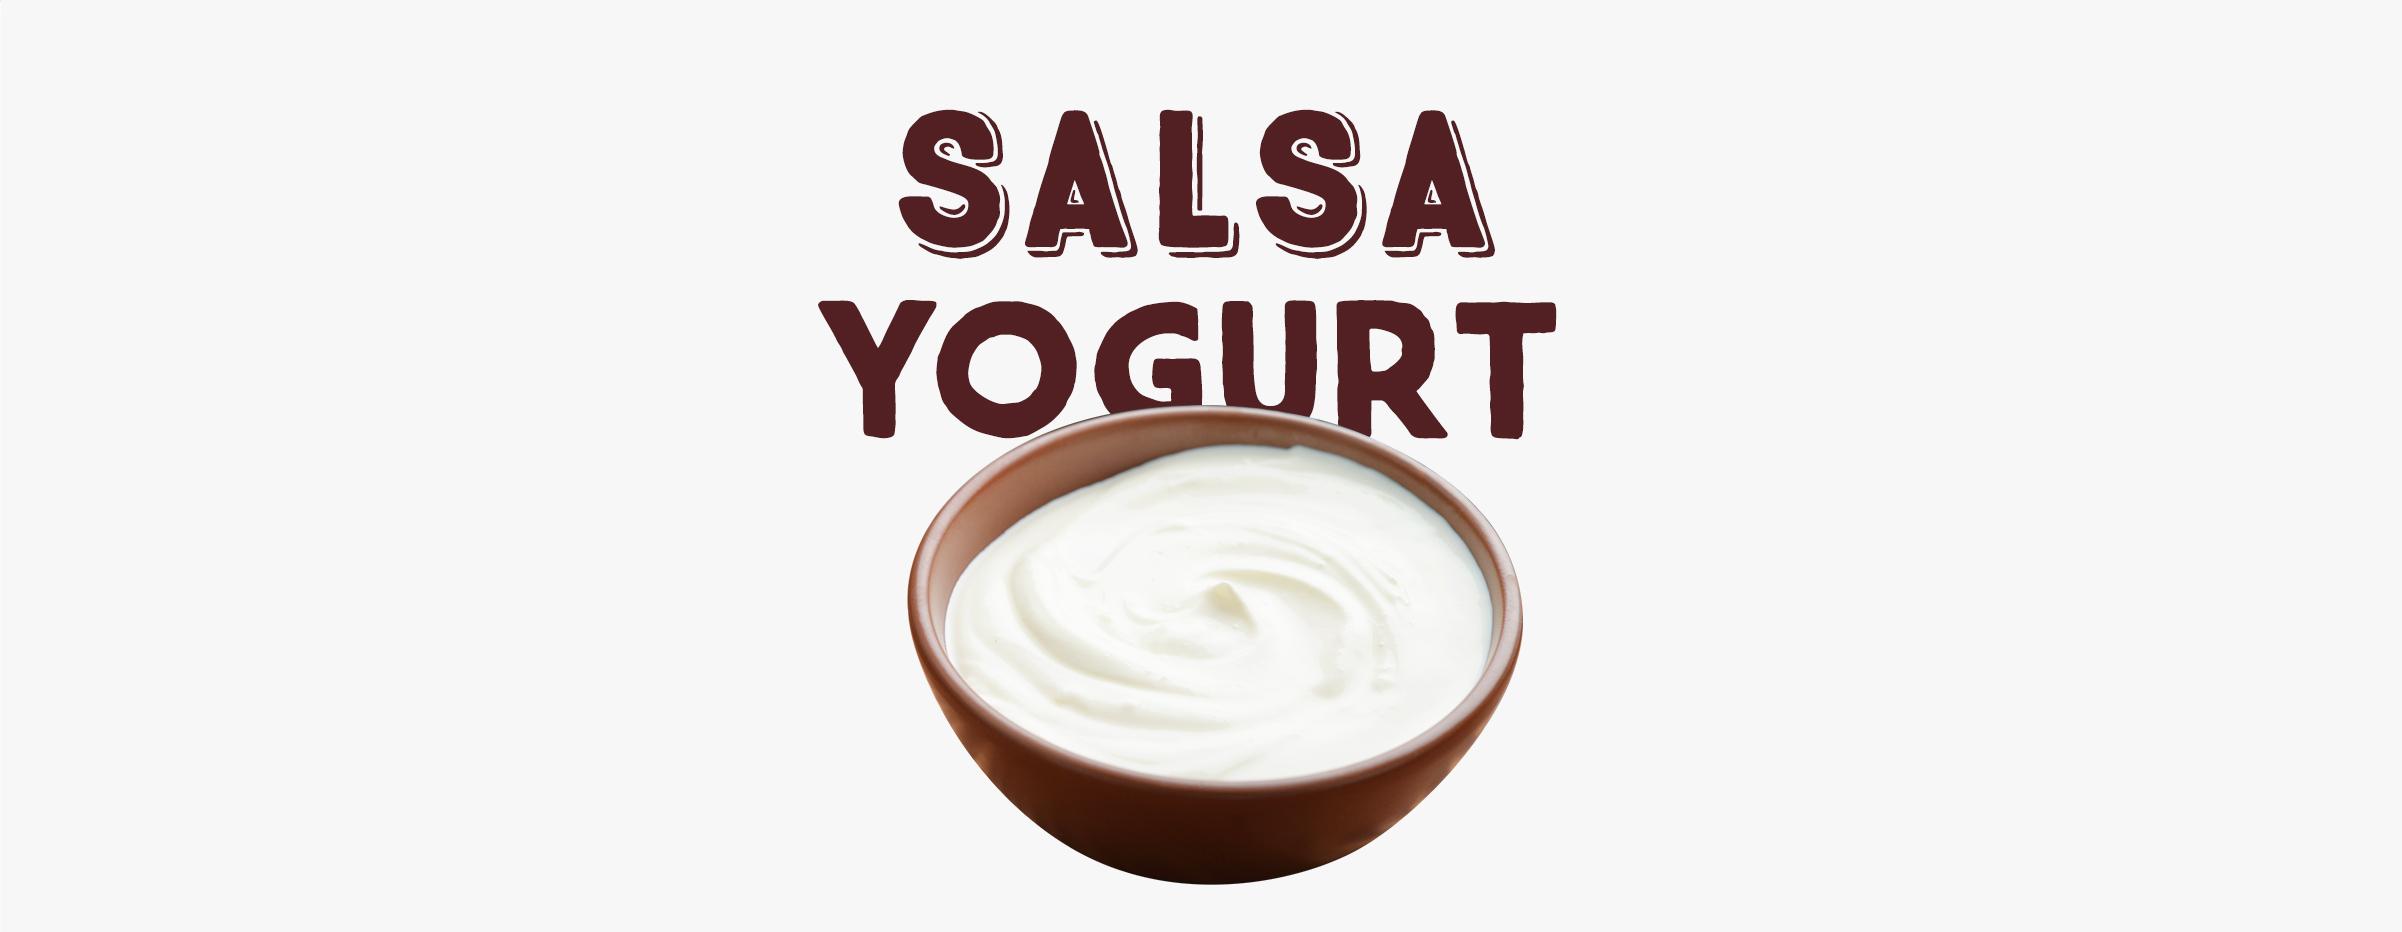 Salsa yogurt